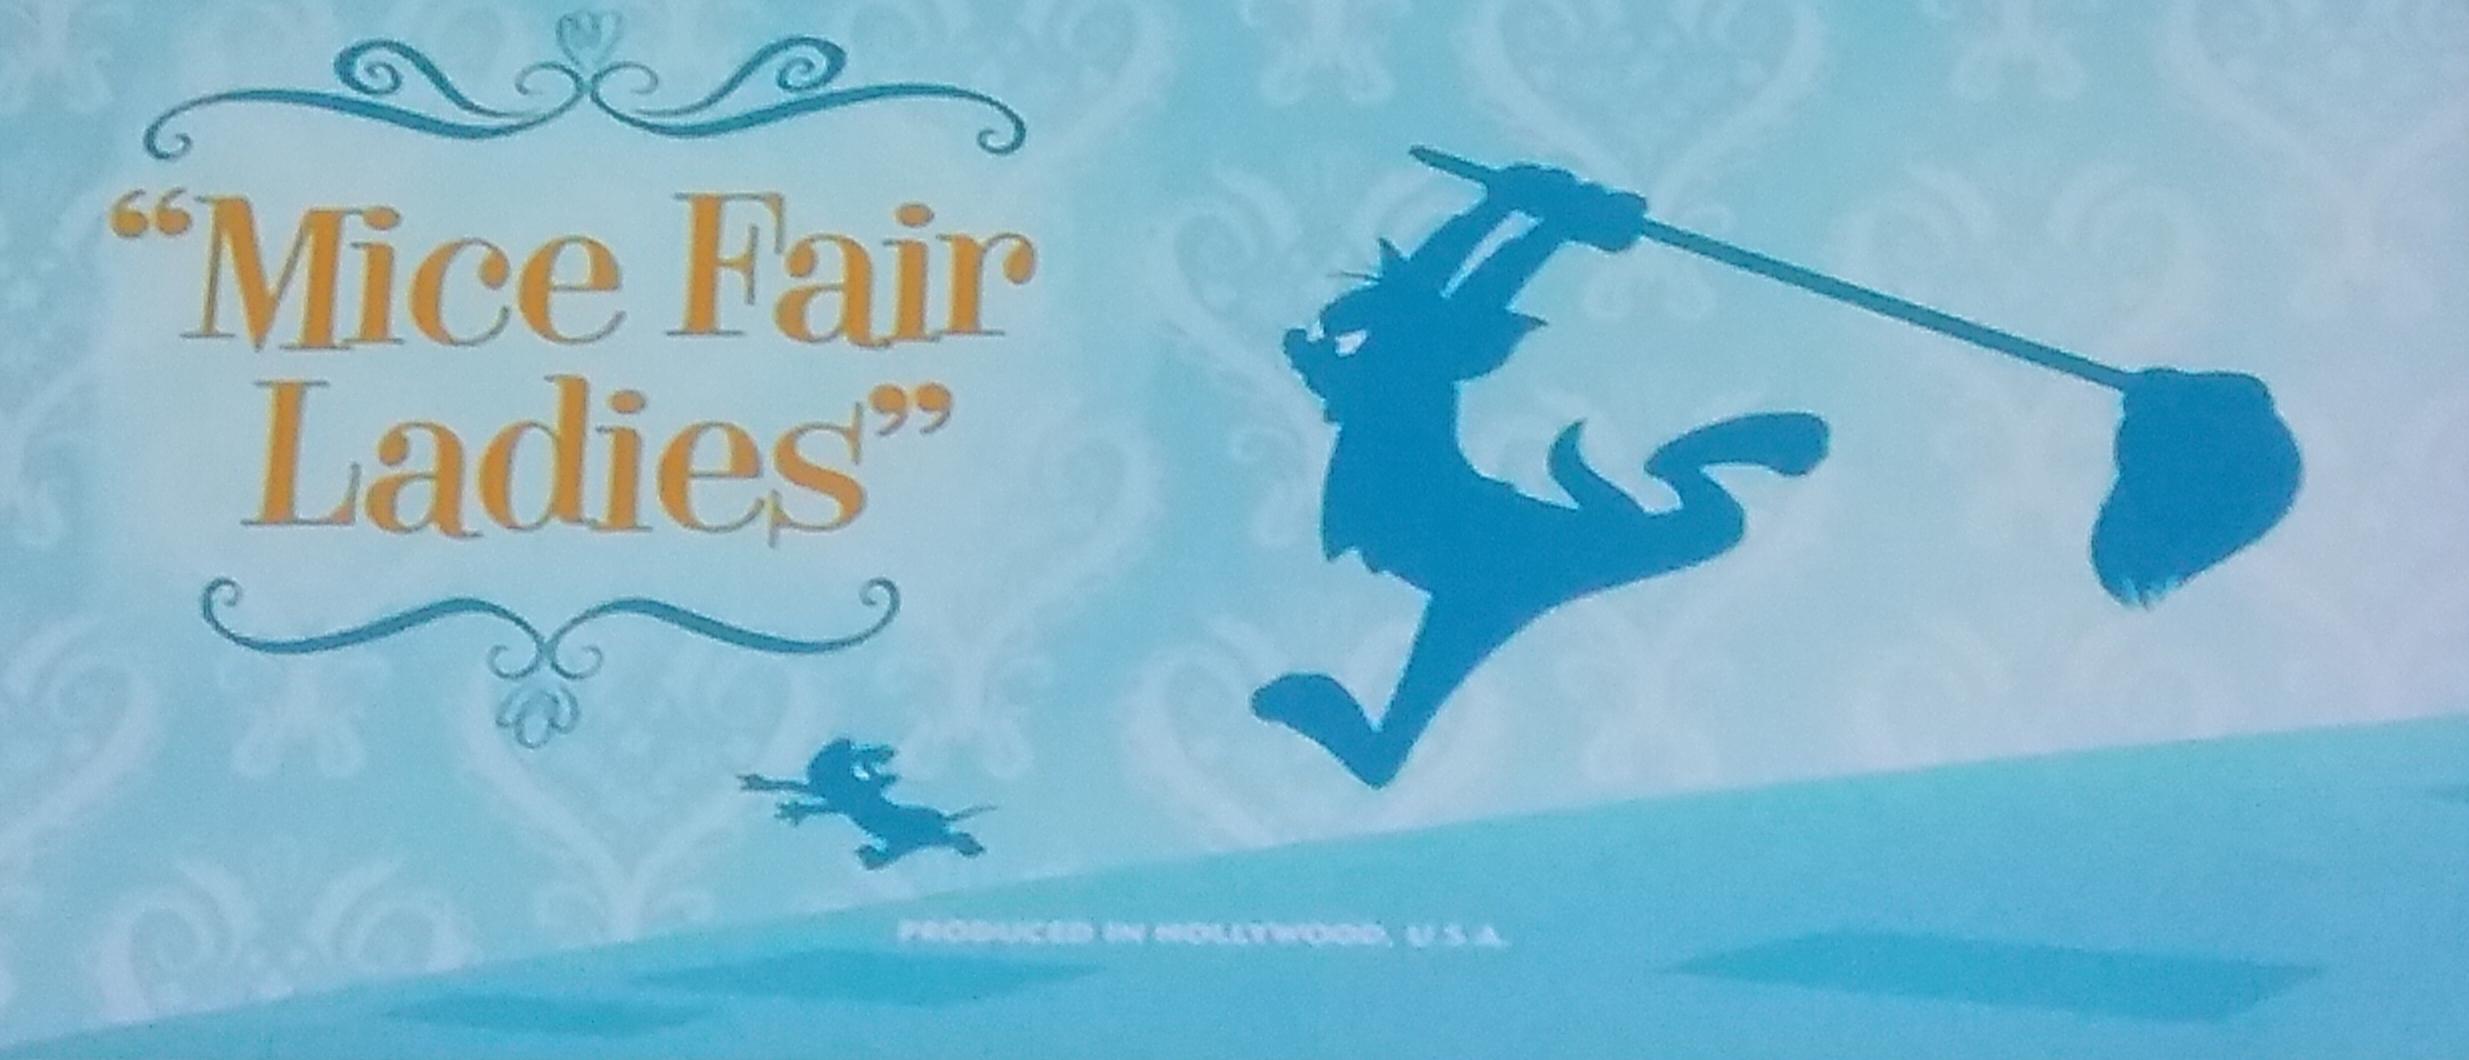 Mice Fair Ladies